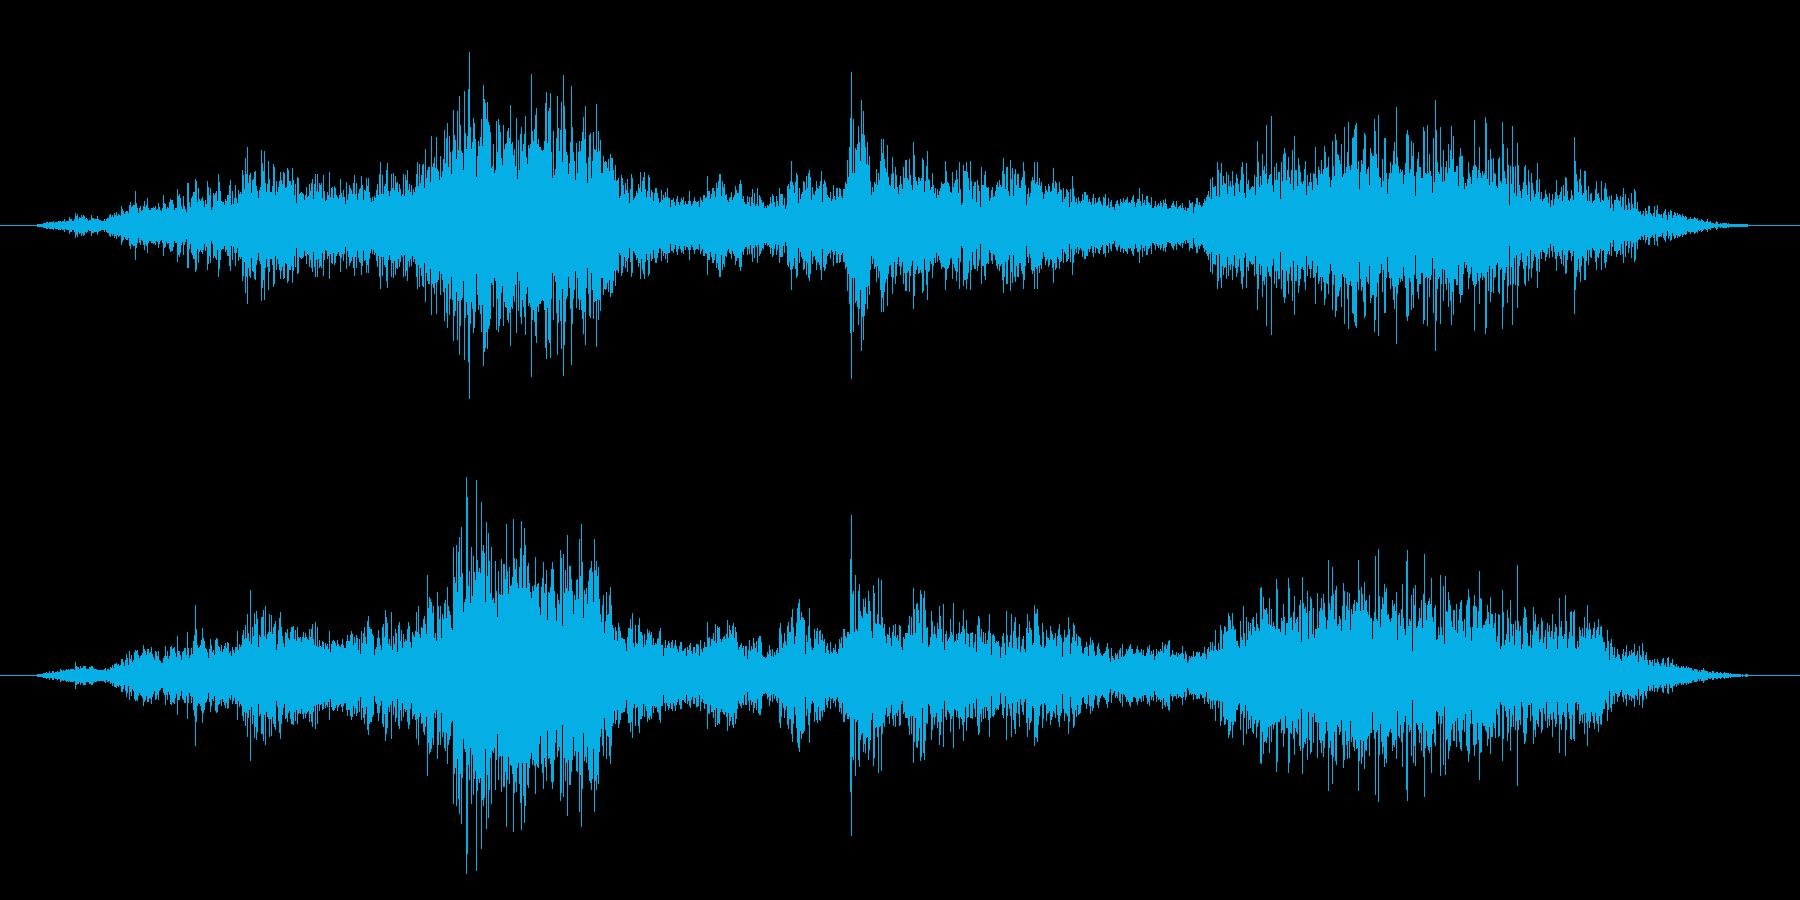 ゾンビやモンスターの叫び声/唸り声23cの再生済みの波形